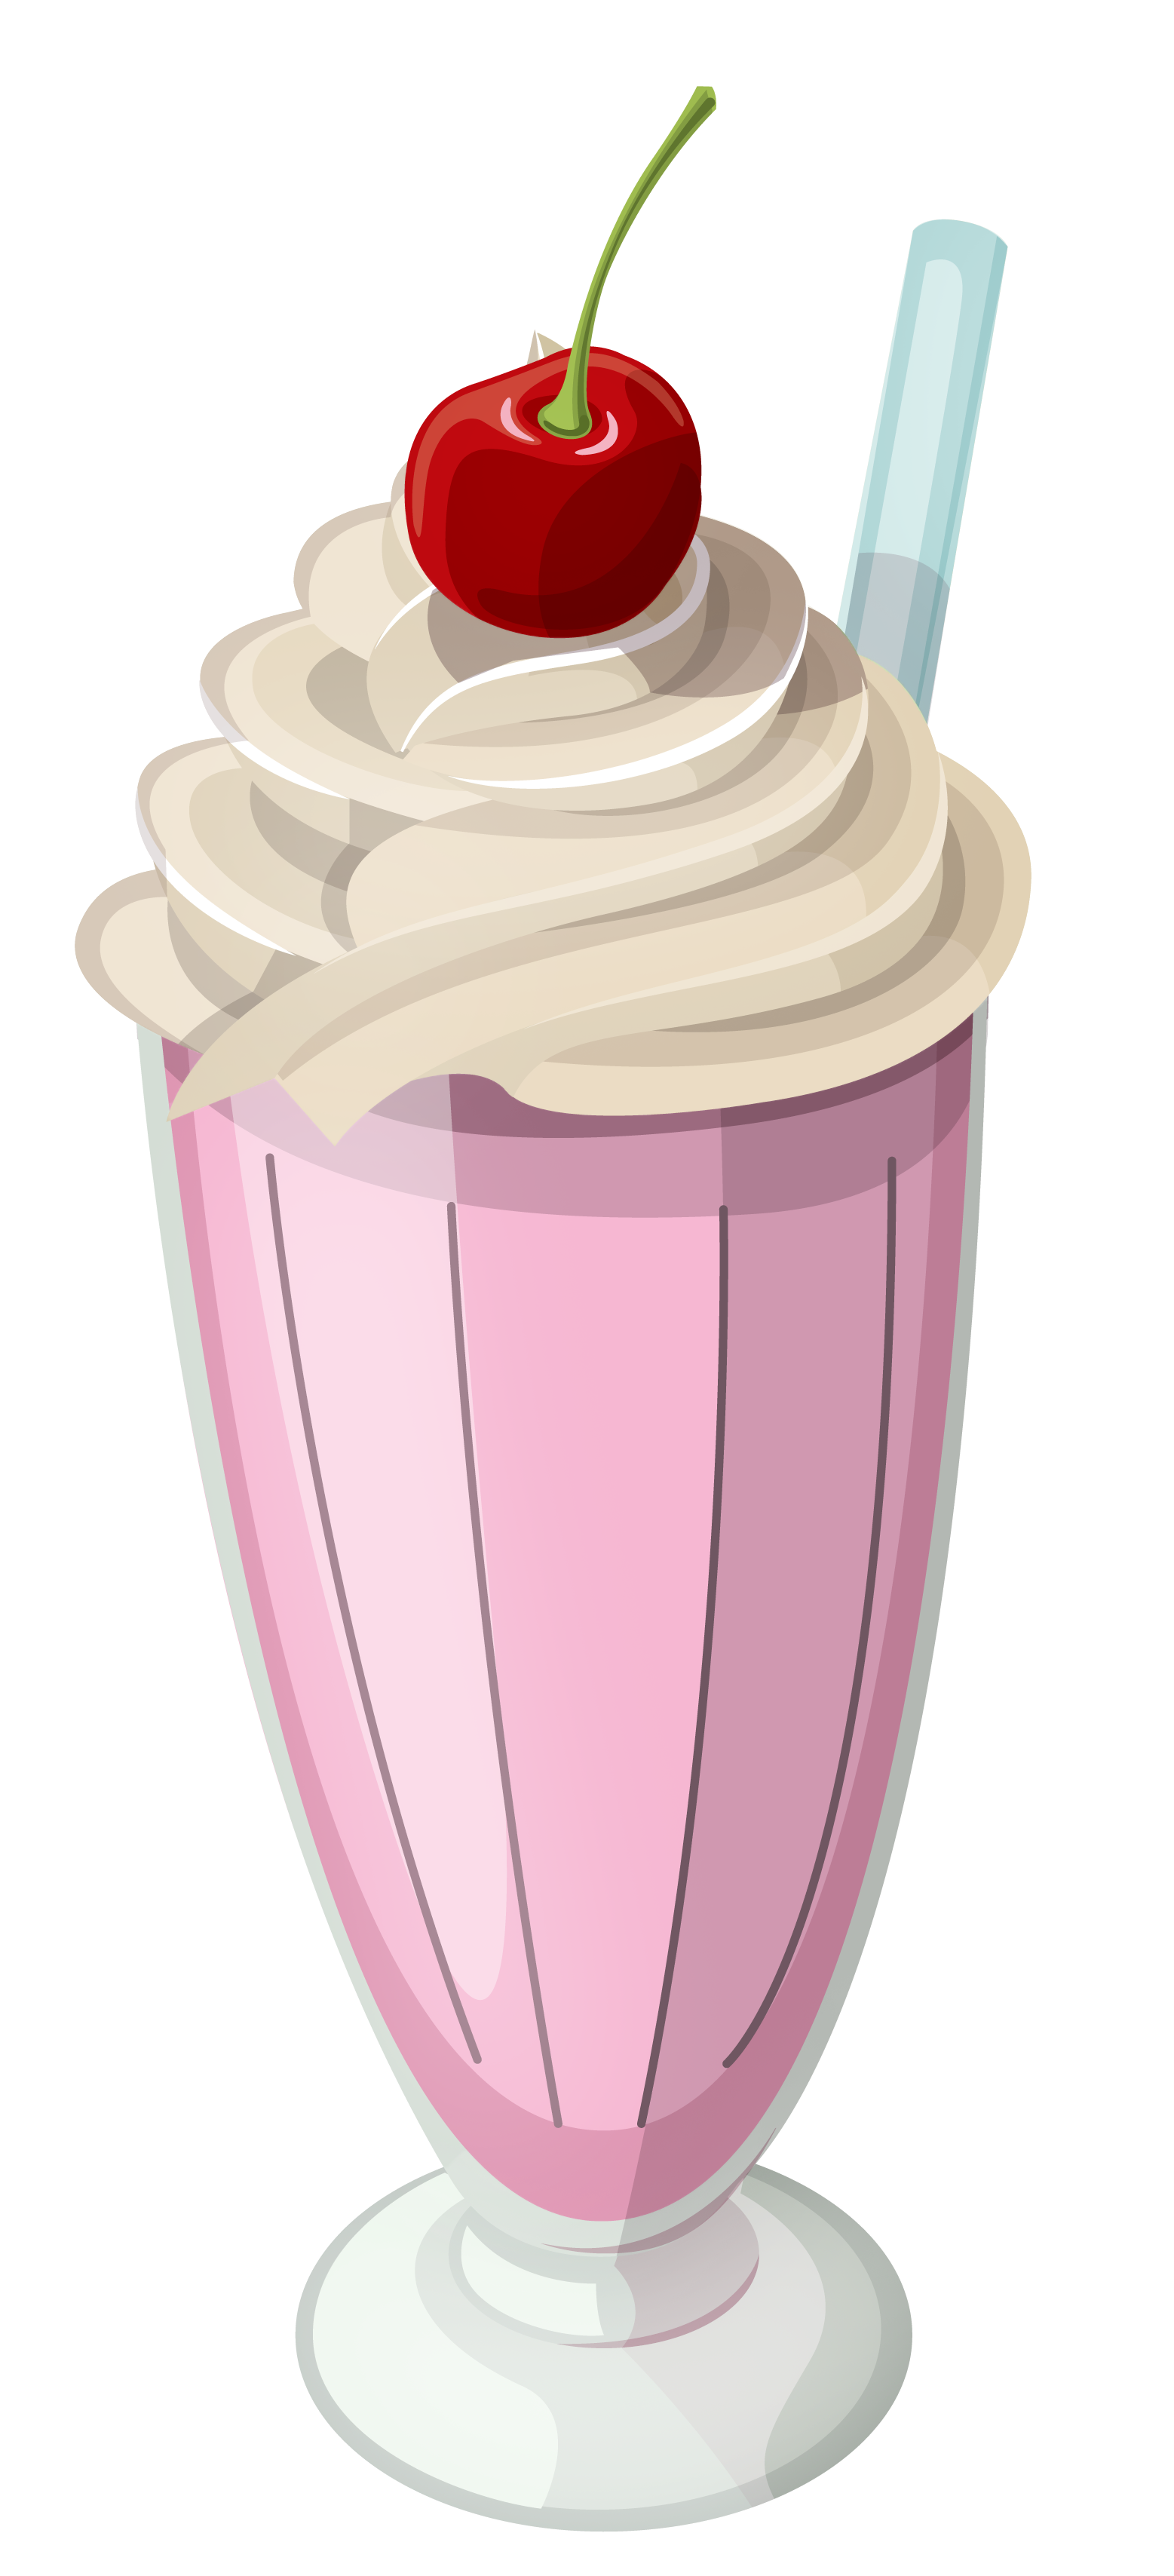 milkshake clipart clipground hot chocolate clipart images hot chocolate clip art funny